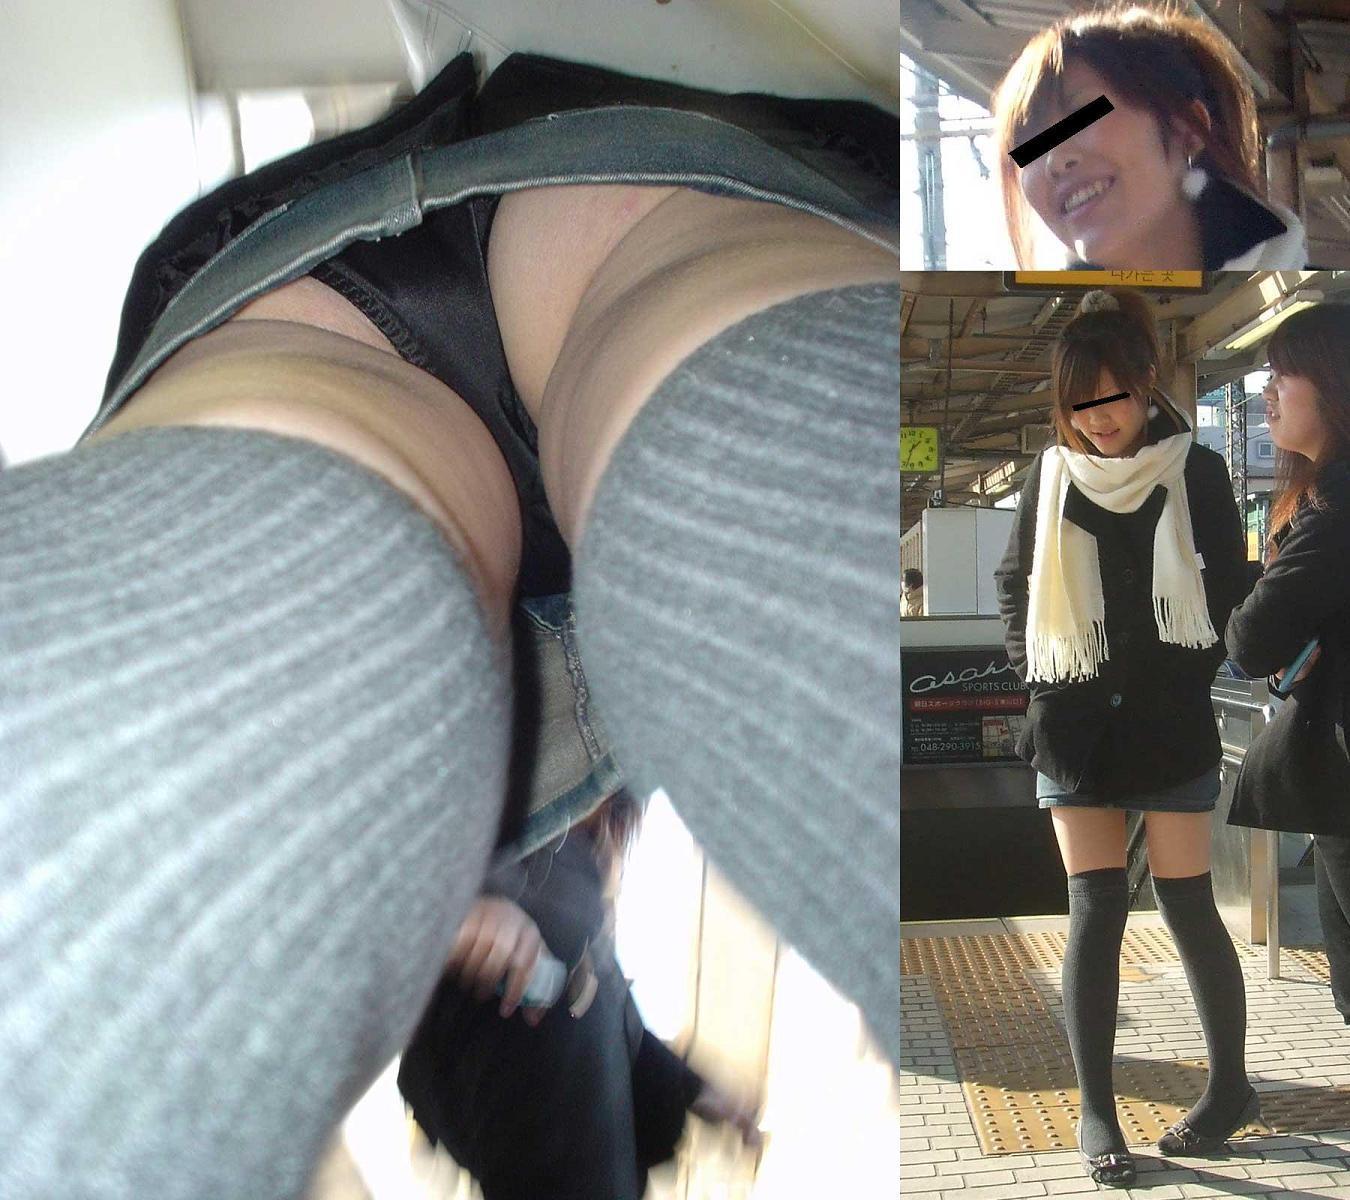 駅ホームでターゲット女性のパンツを逆さ撮り!